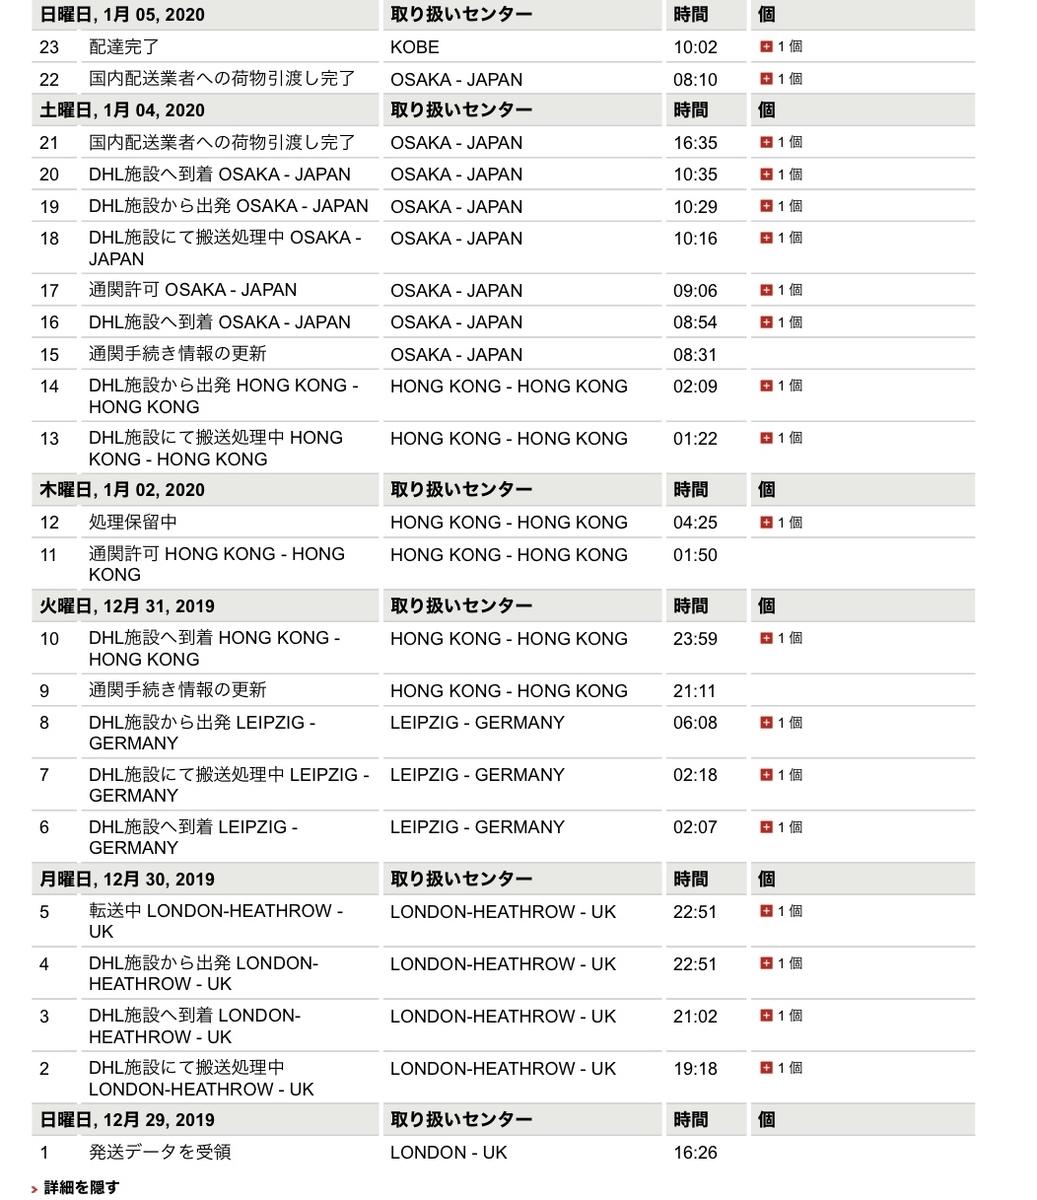 f:id:chikochikorin:20200209232805j:plain